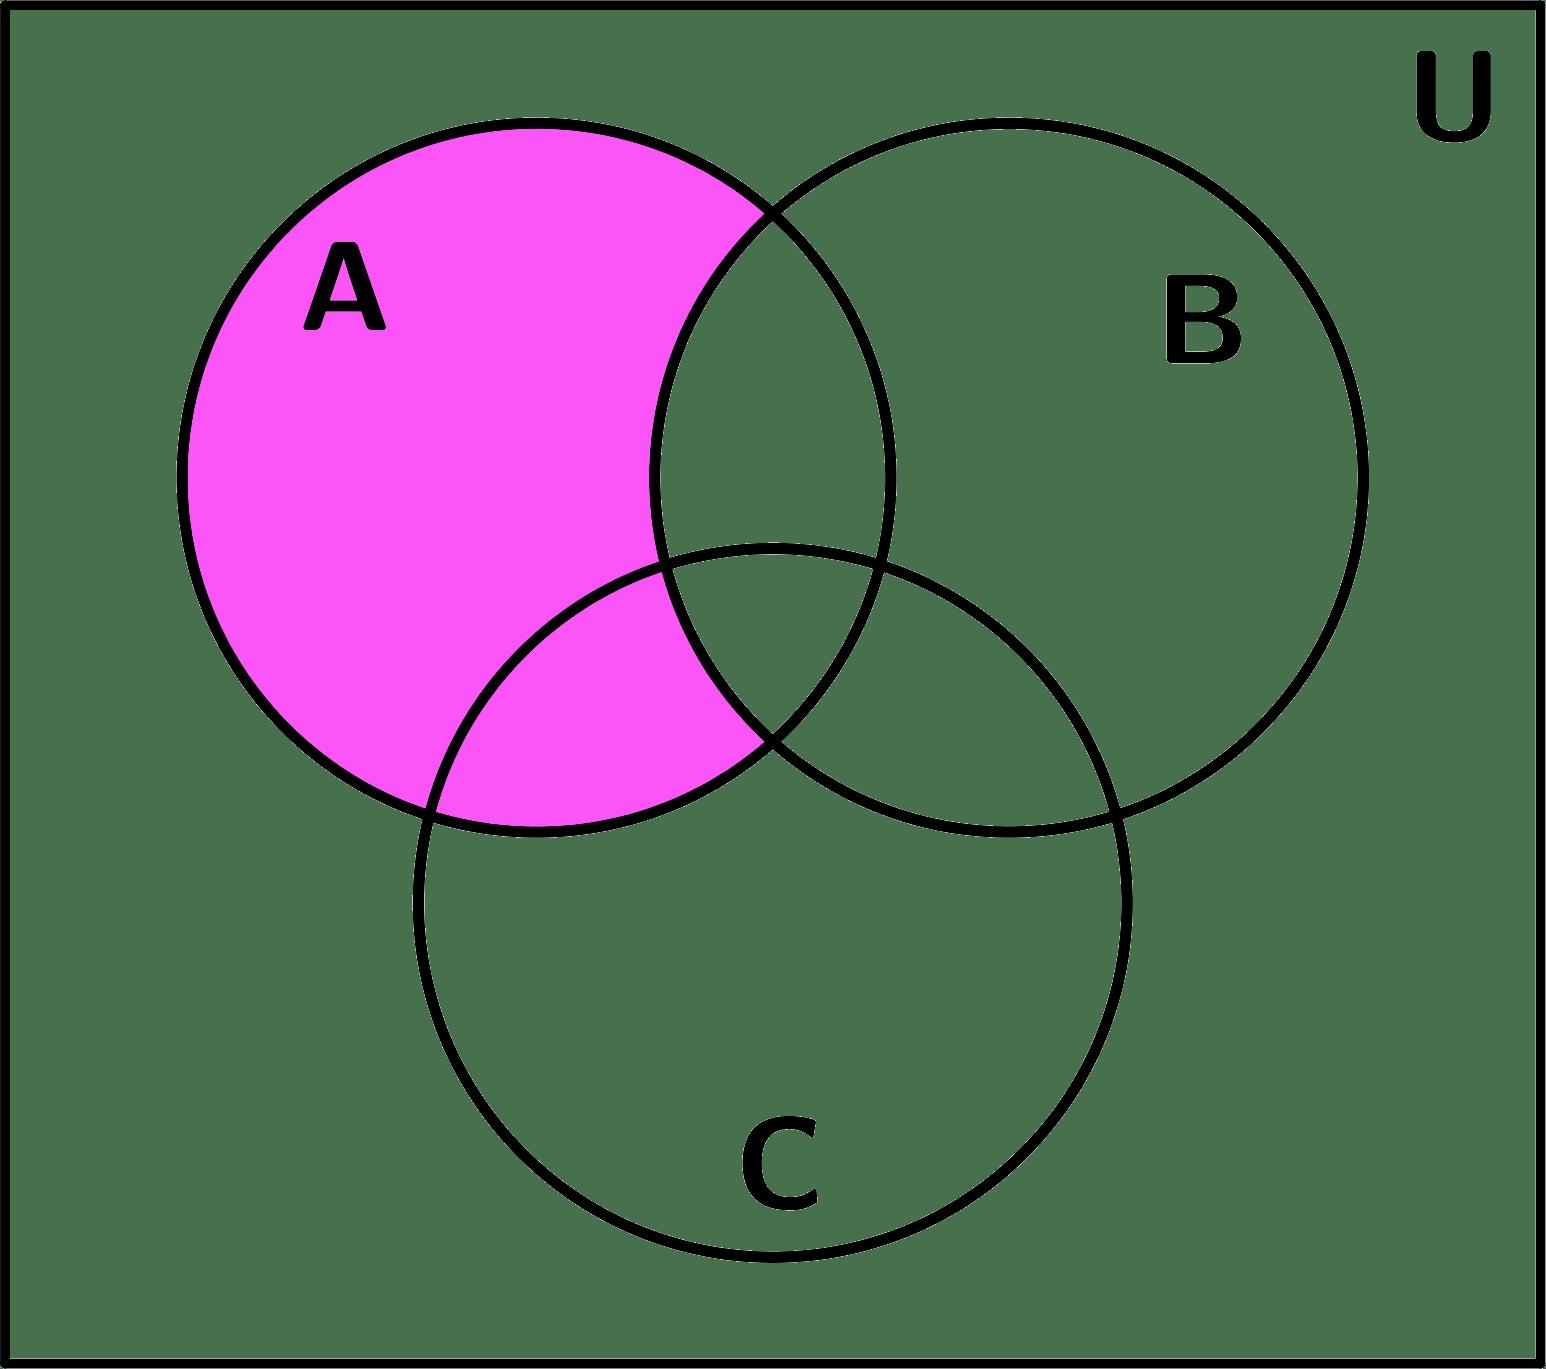 a union b c venn diagram 1986 chevy truck wiring diagramas de ejercicios resueltos